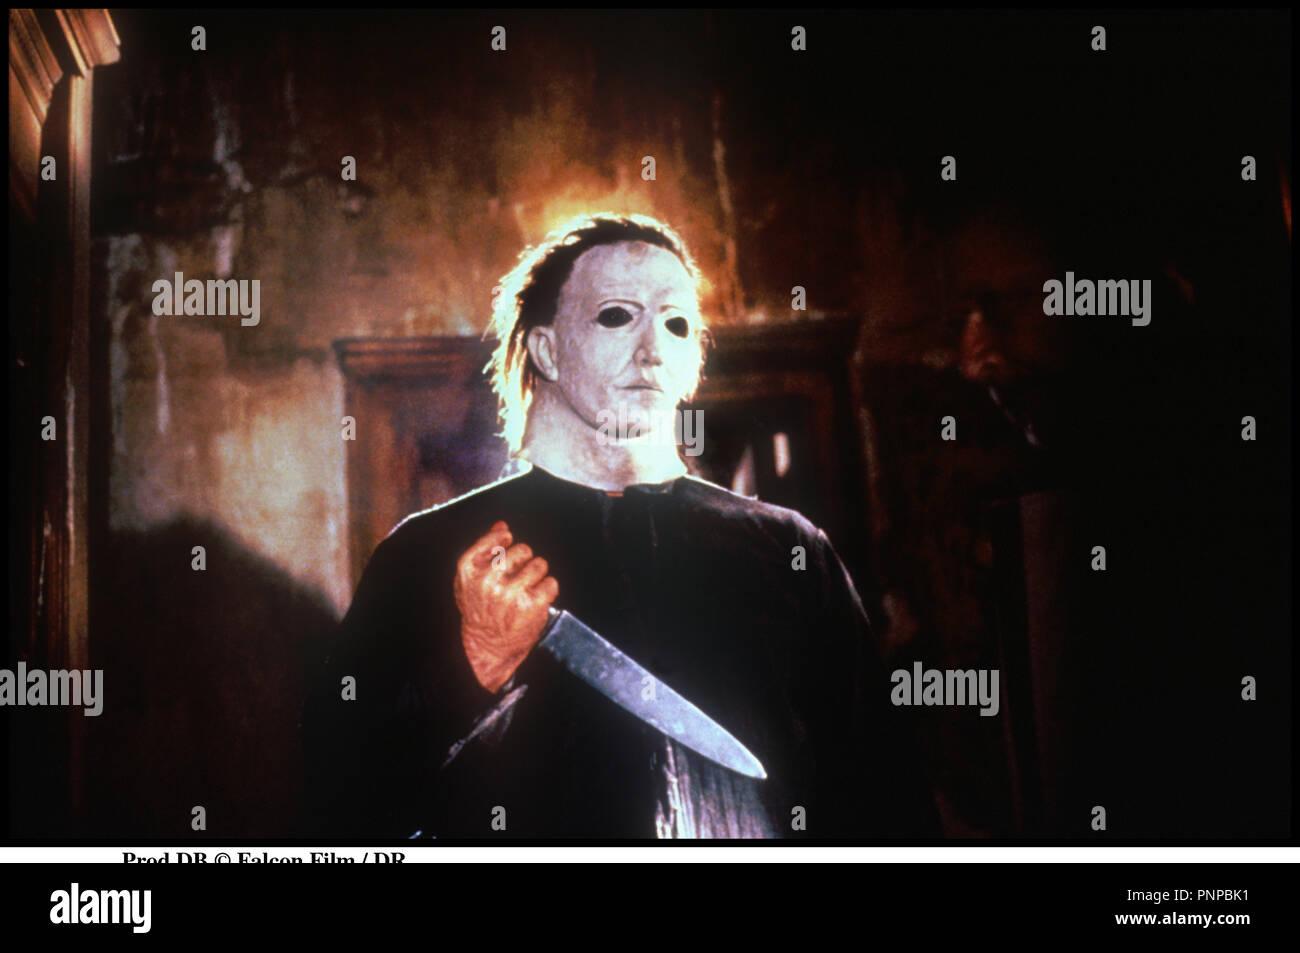 Prod Db â Falcon Film Dr La Nuit Des Masques Halloween De John